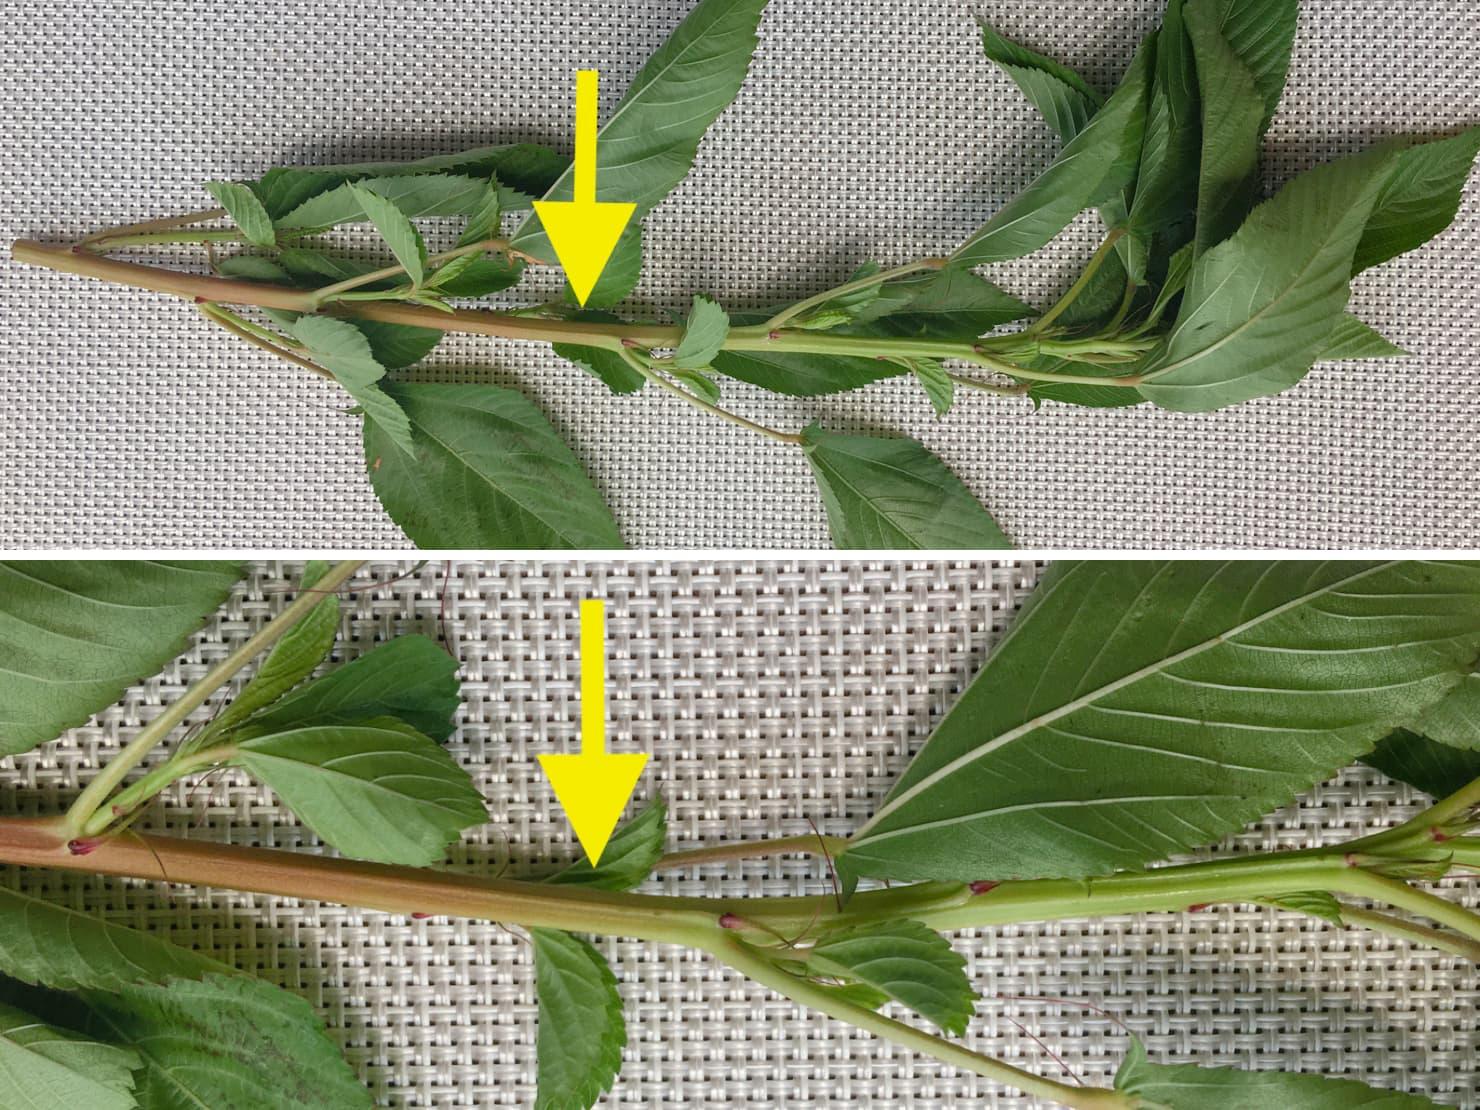 モロヘイヤの茎のかたい部分と柔らかい部分の写真